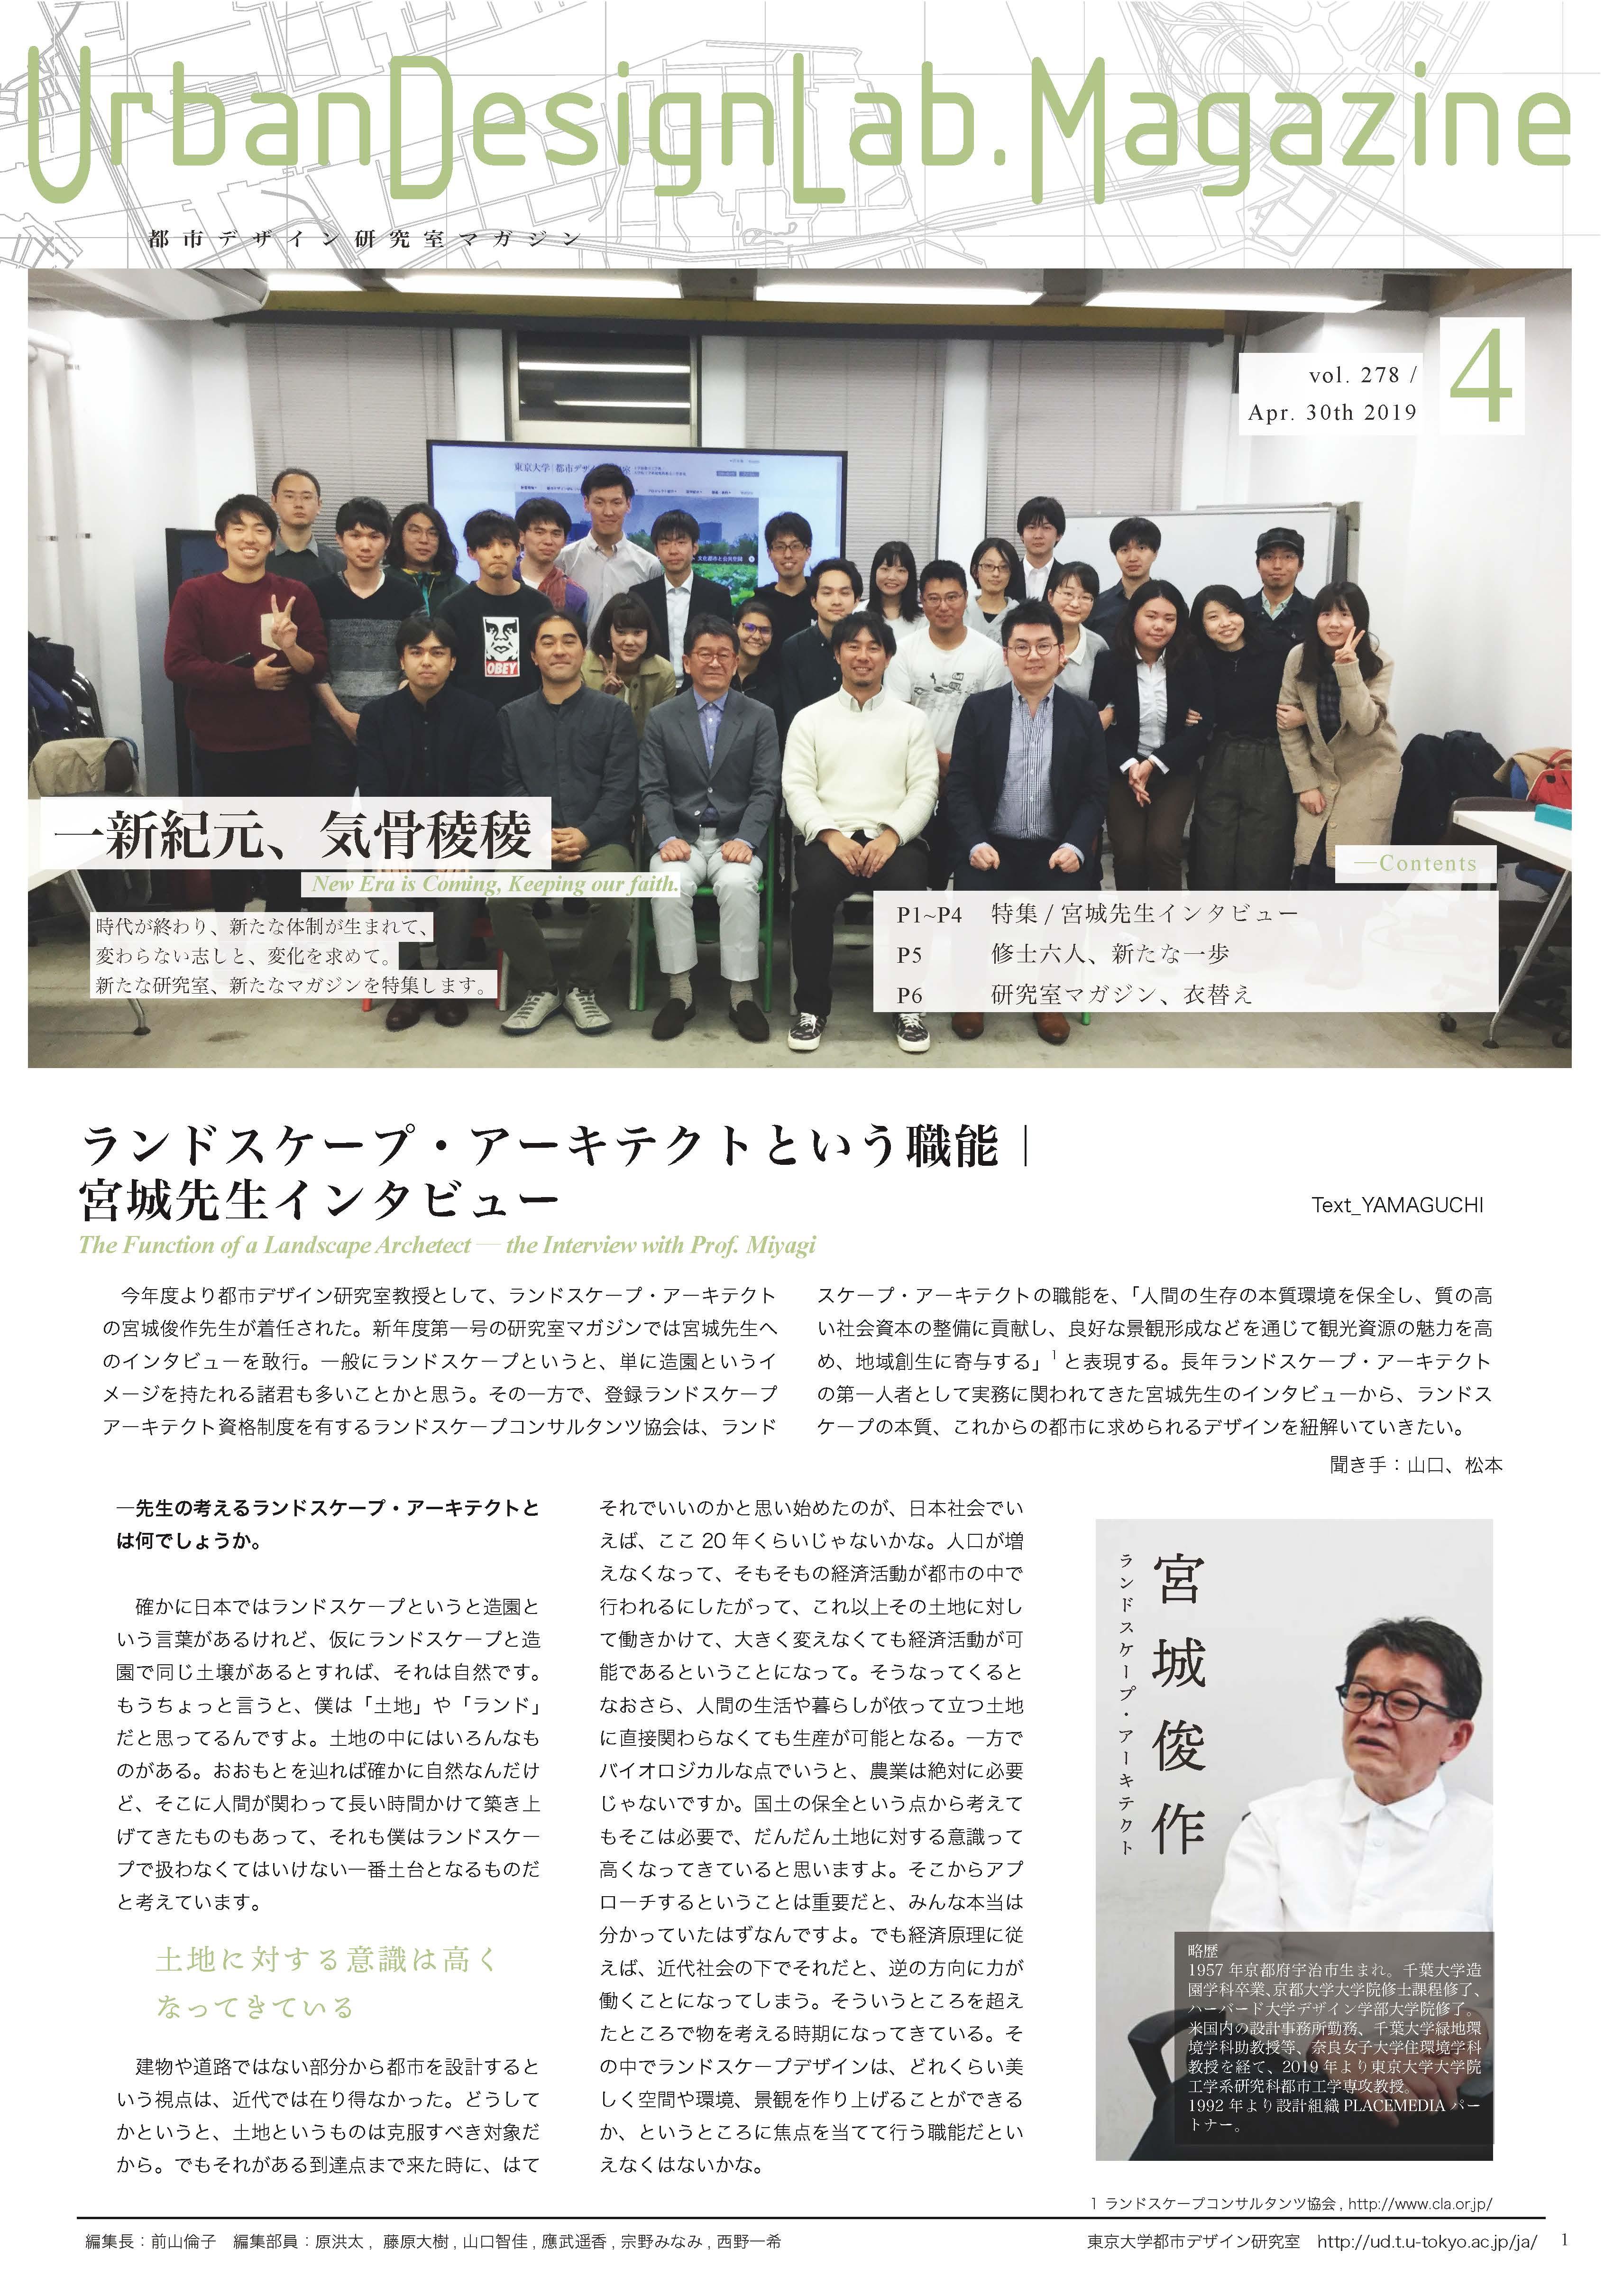 http://ud.t.u-tokyo.ac.jp/blog/_images/vol278%E8%A1%A8%E7%B4%99.jpg